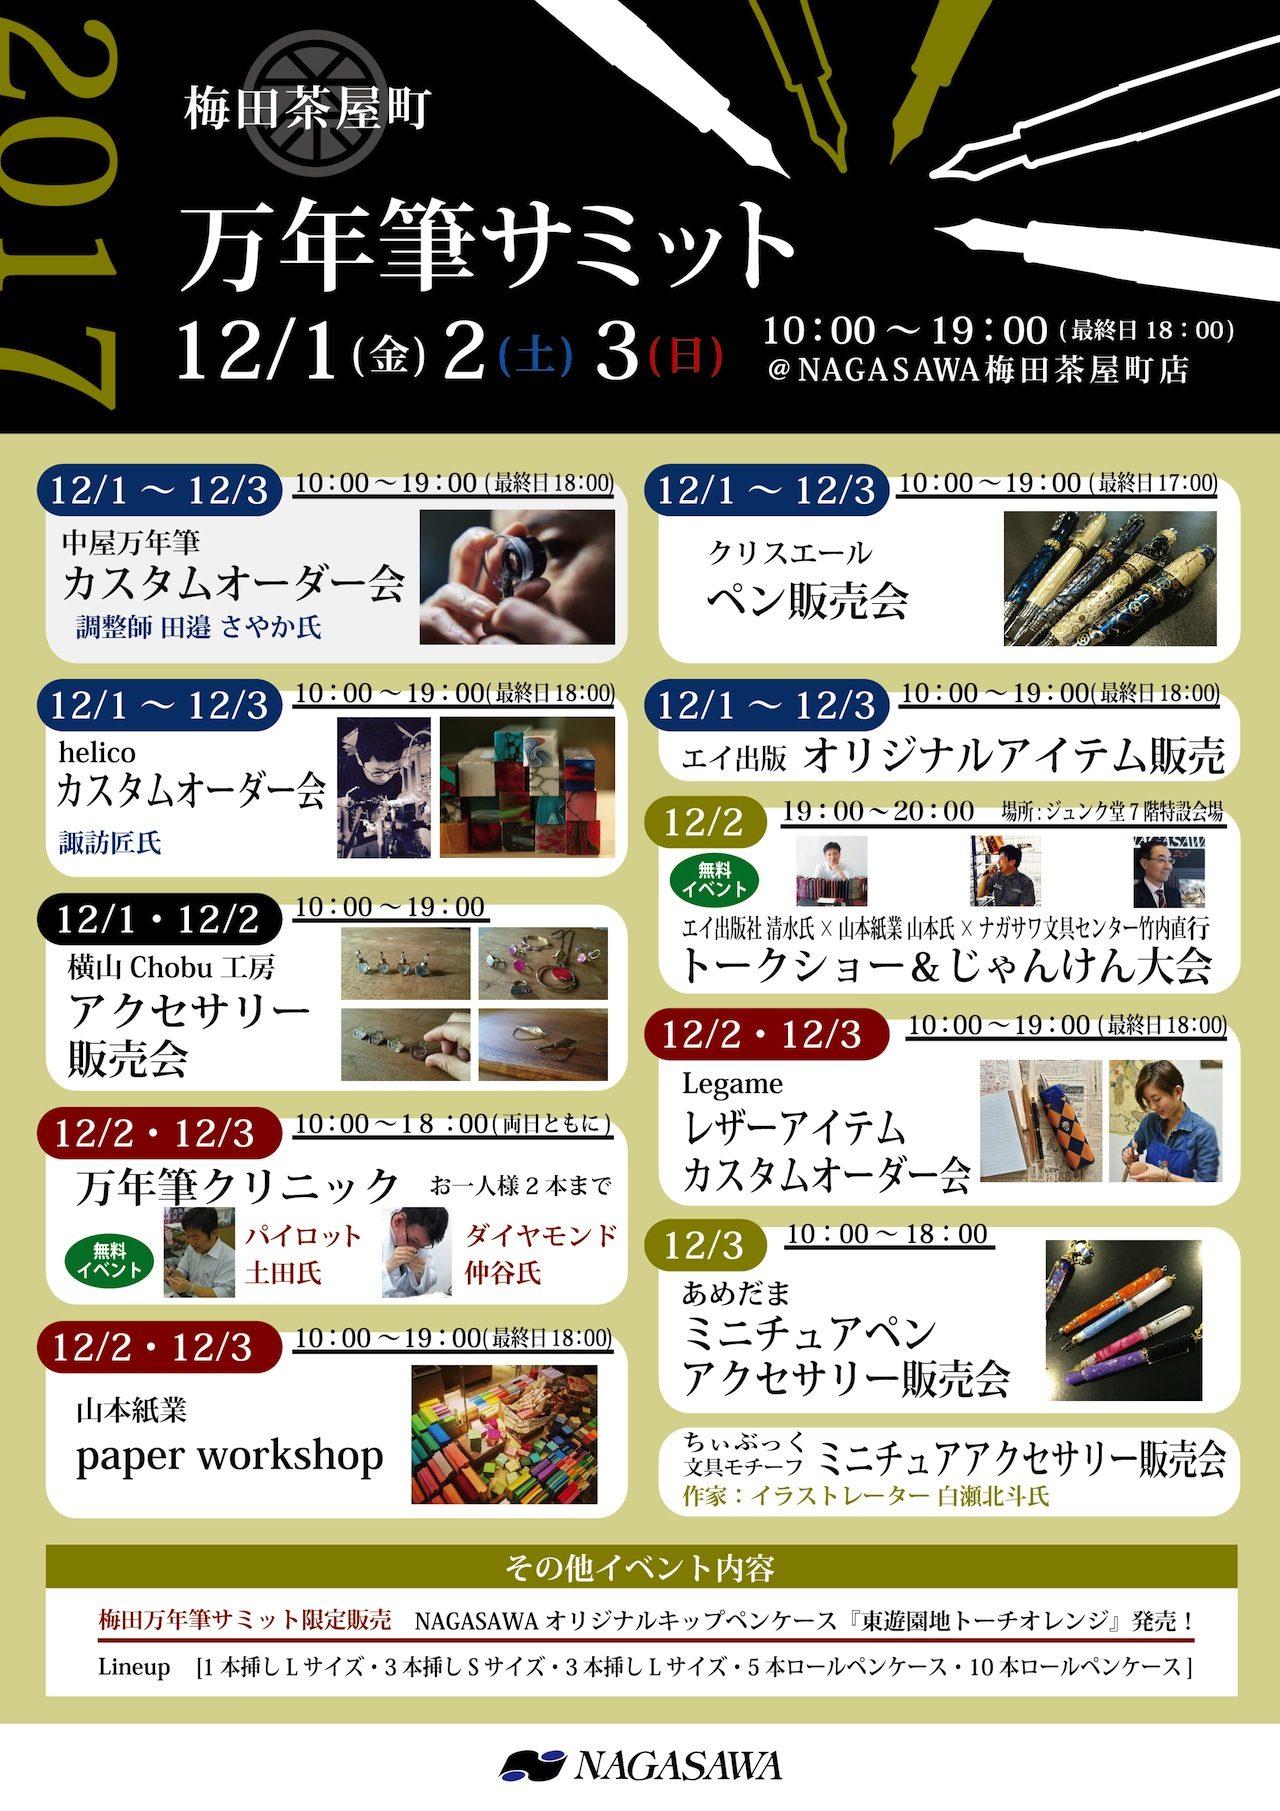 小日向京のひねもす文房具|第百十九回「万年筆サミット2017 at NAGASAWA梅田茶屋町店」